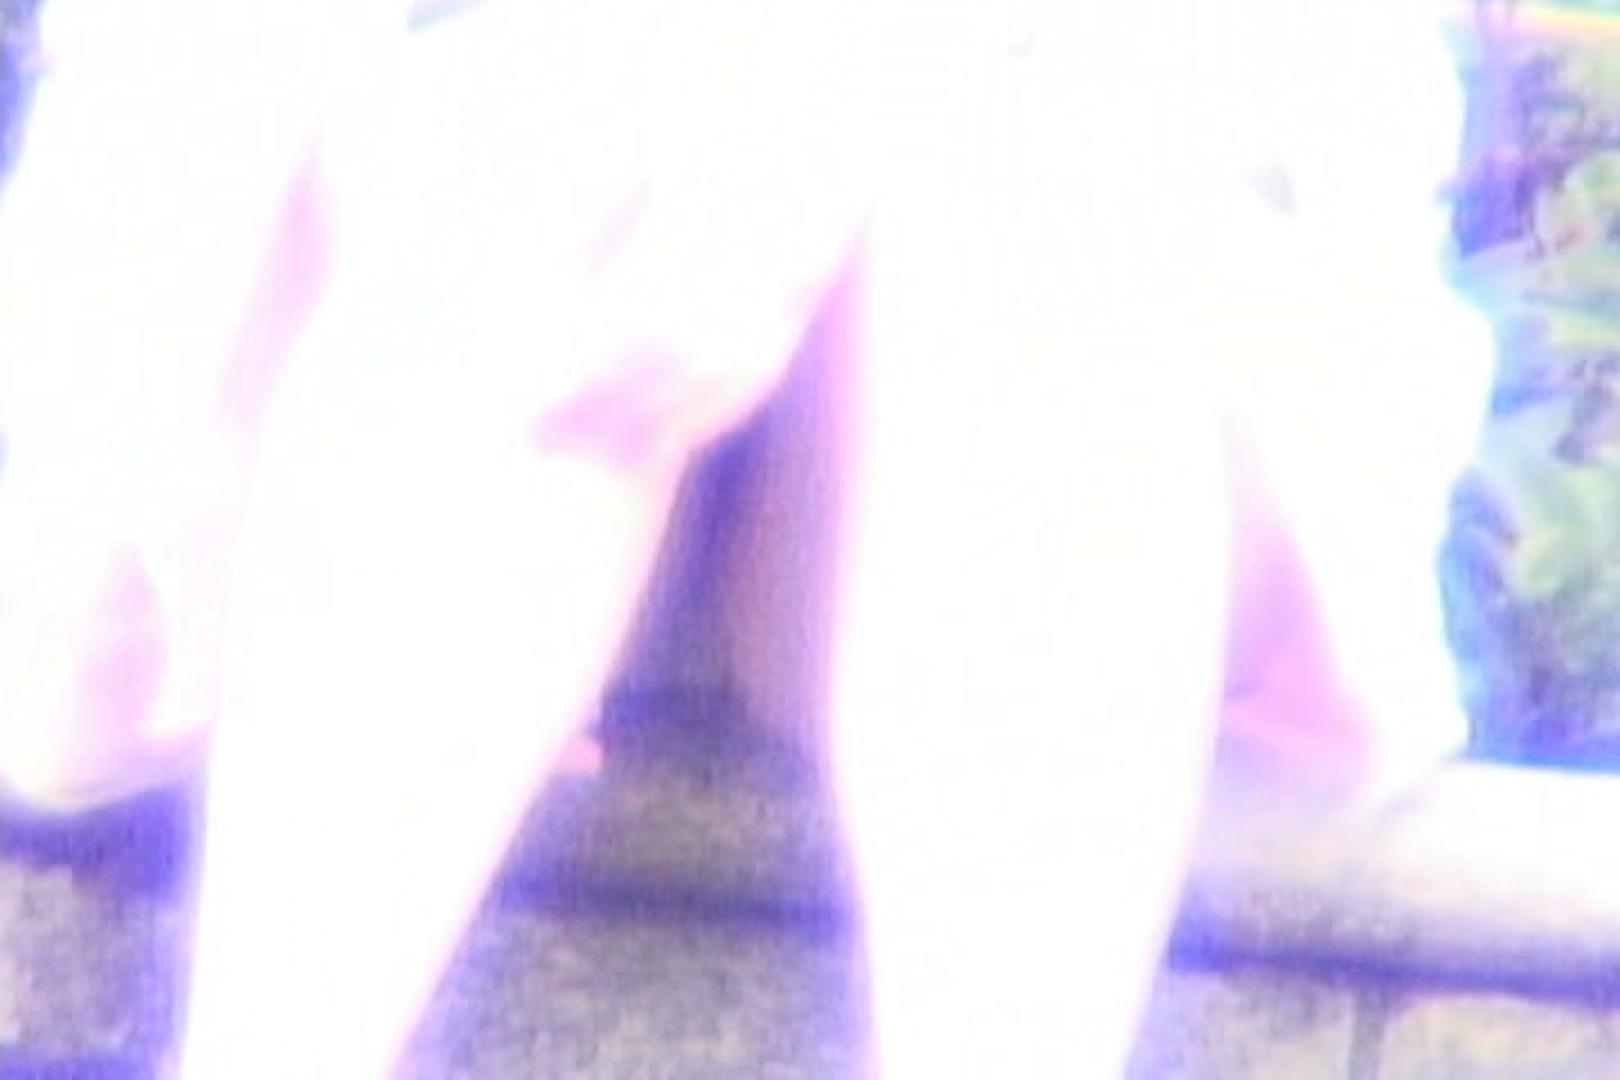 超最新版!春夏秋冬 vol.04 オマタ | ビッチなギャル  64pic 42